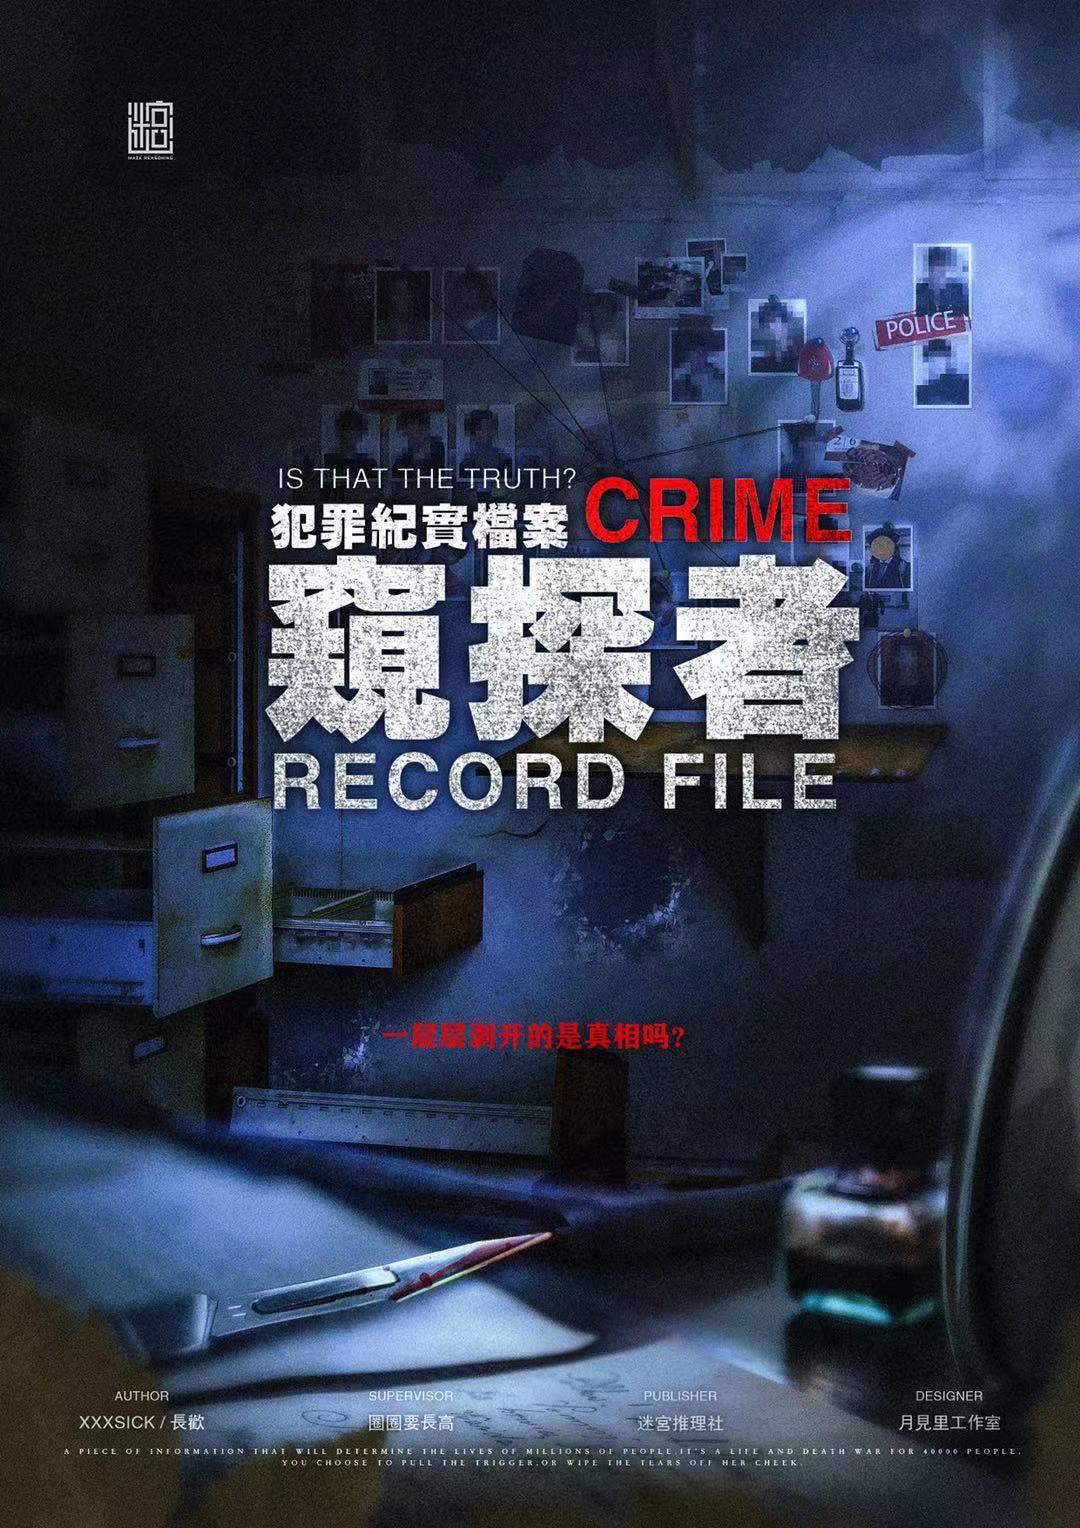 『犯罪纪实档案·窥探者』剧本杀凶手是谁复盘解析 测评剧透 结局答案